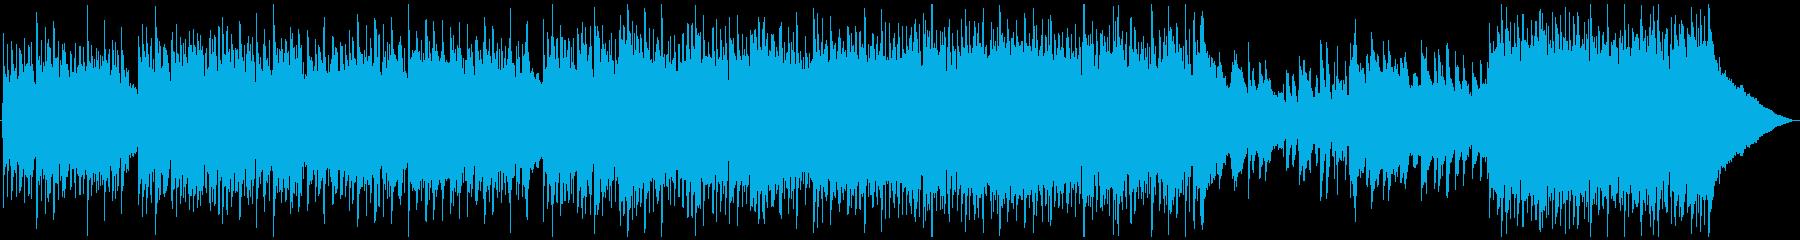 明るく軽快なアコースティックポップの再生済みの波形